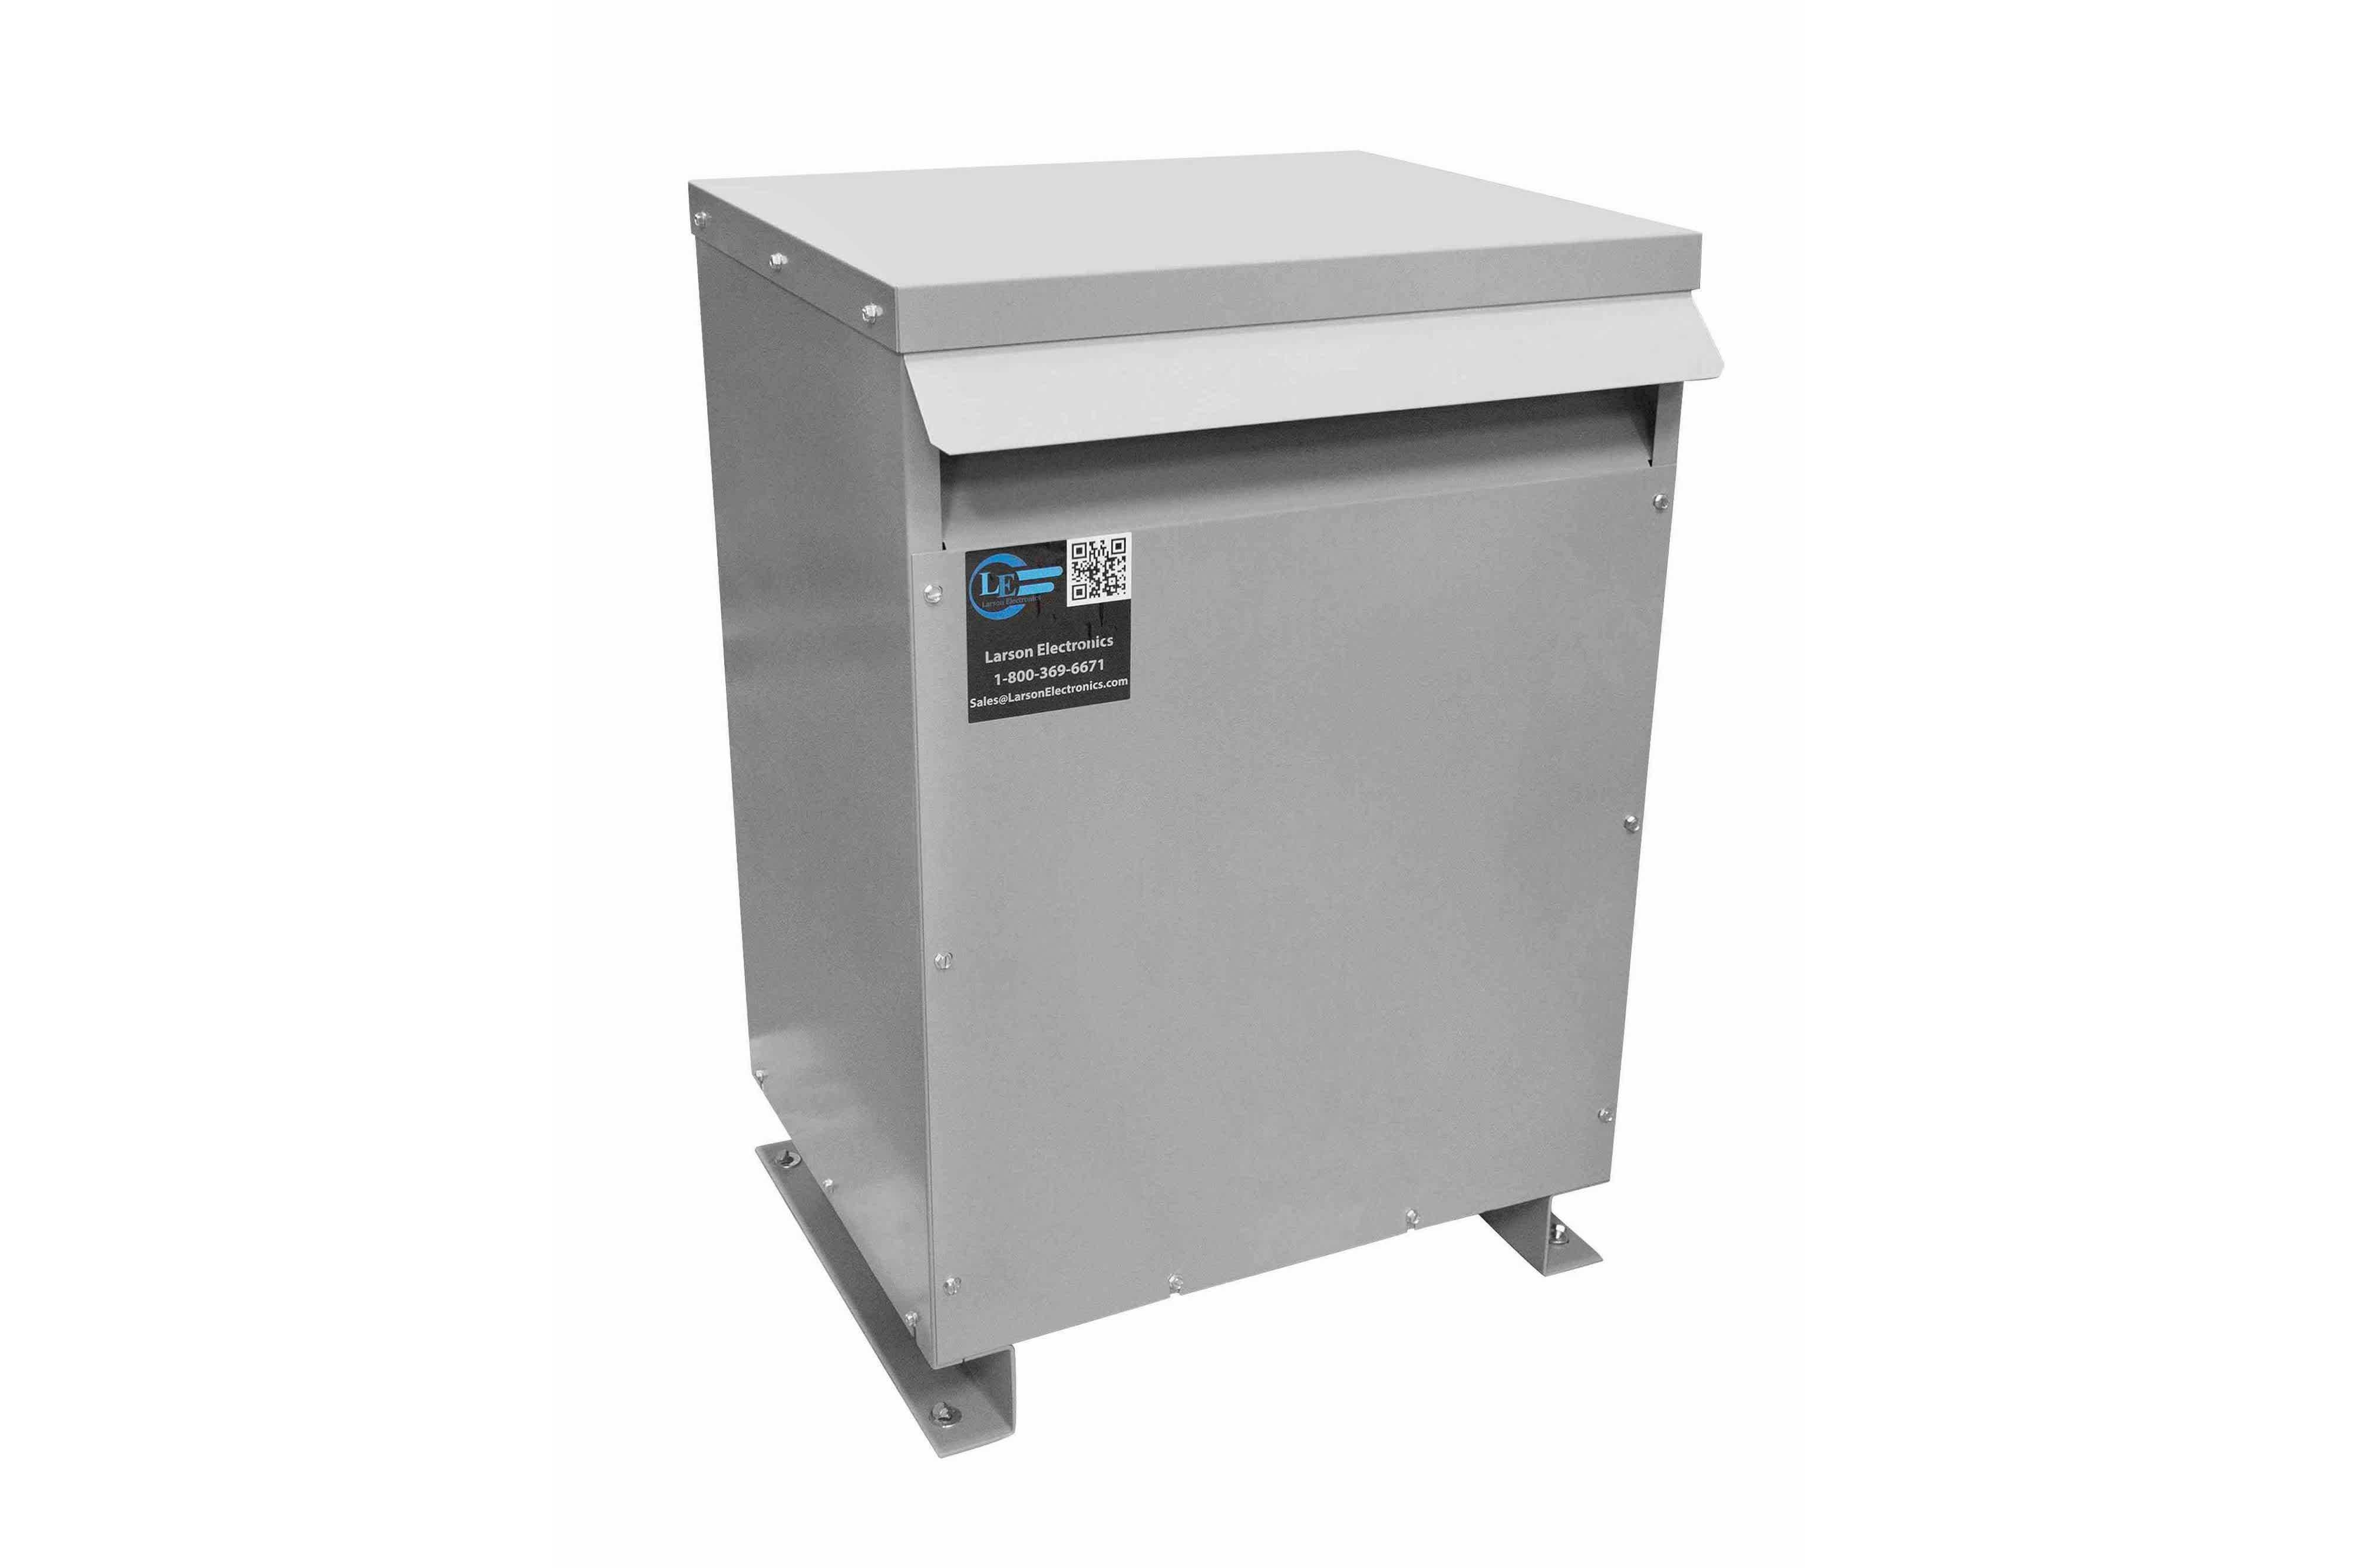 225 kVA 3PH Isolation Transformer, 240V Delta Primary, 600V Delta Secondary, N3R, Ventilated, 60 Hz